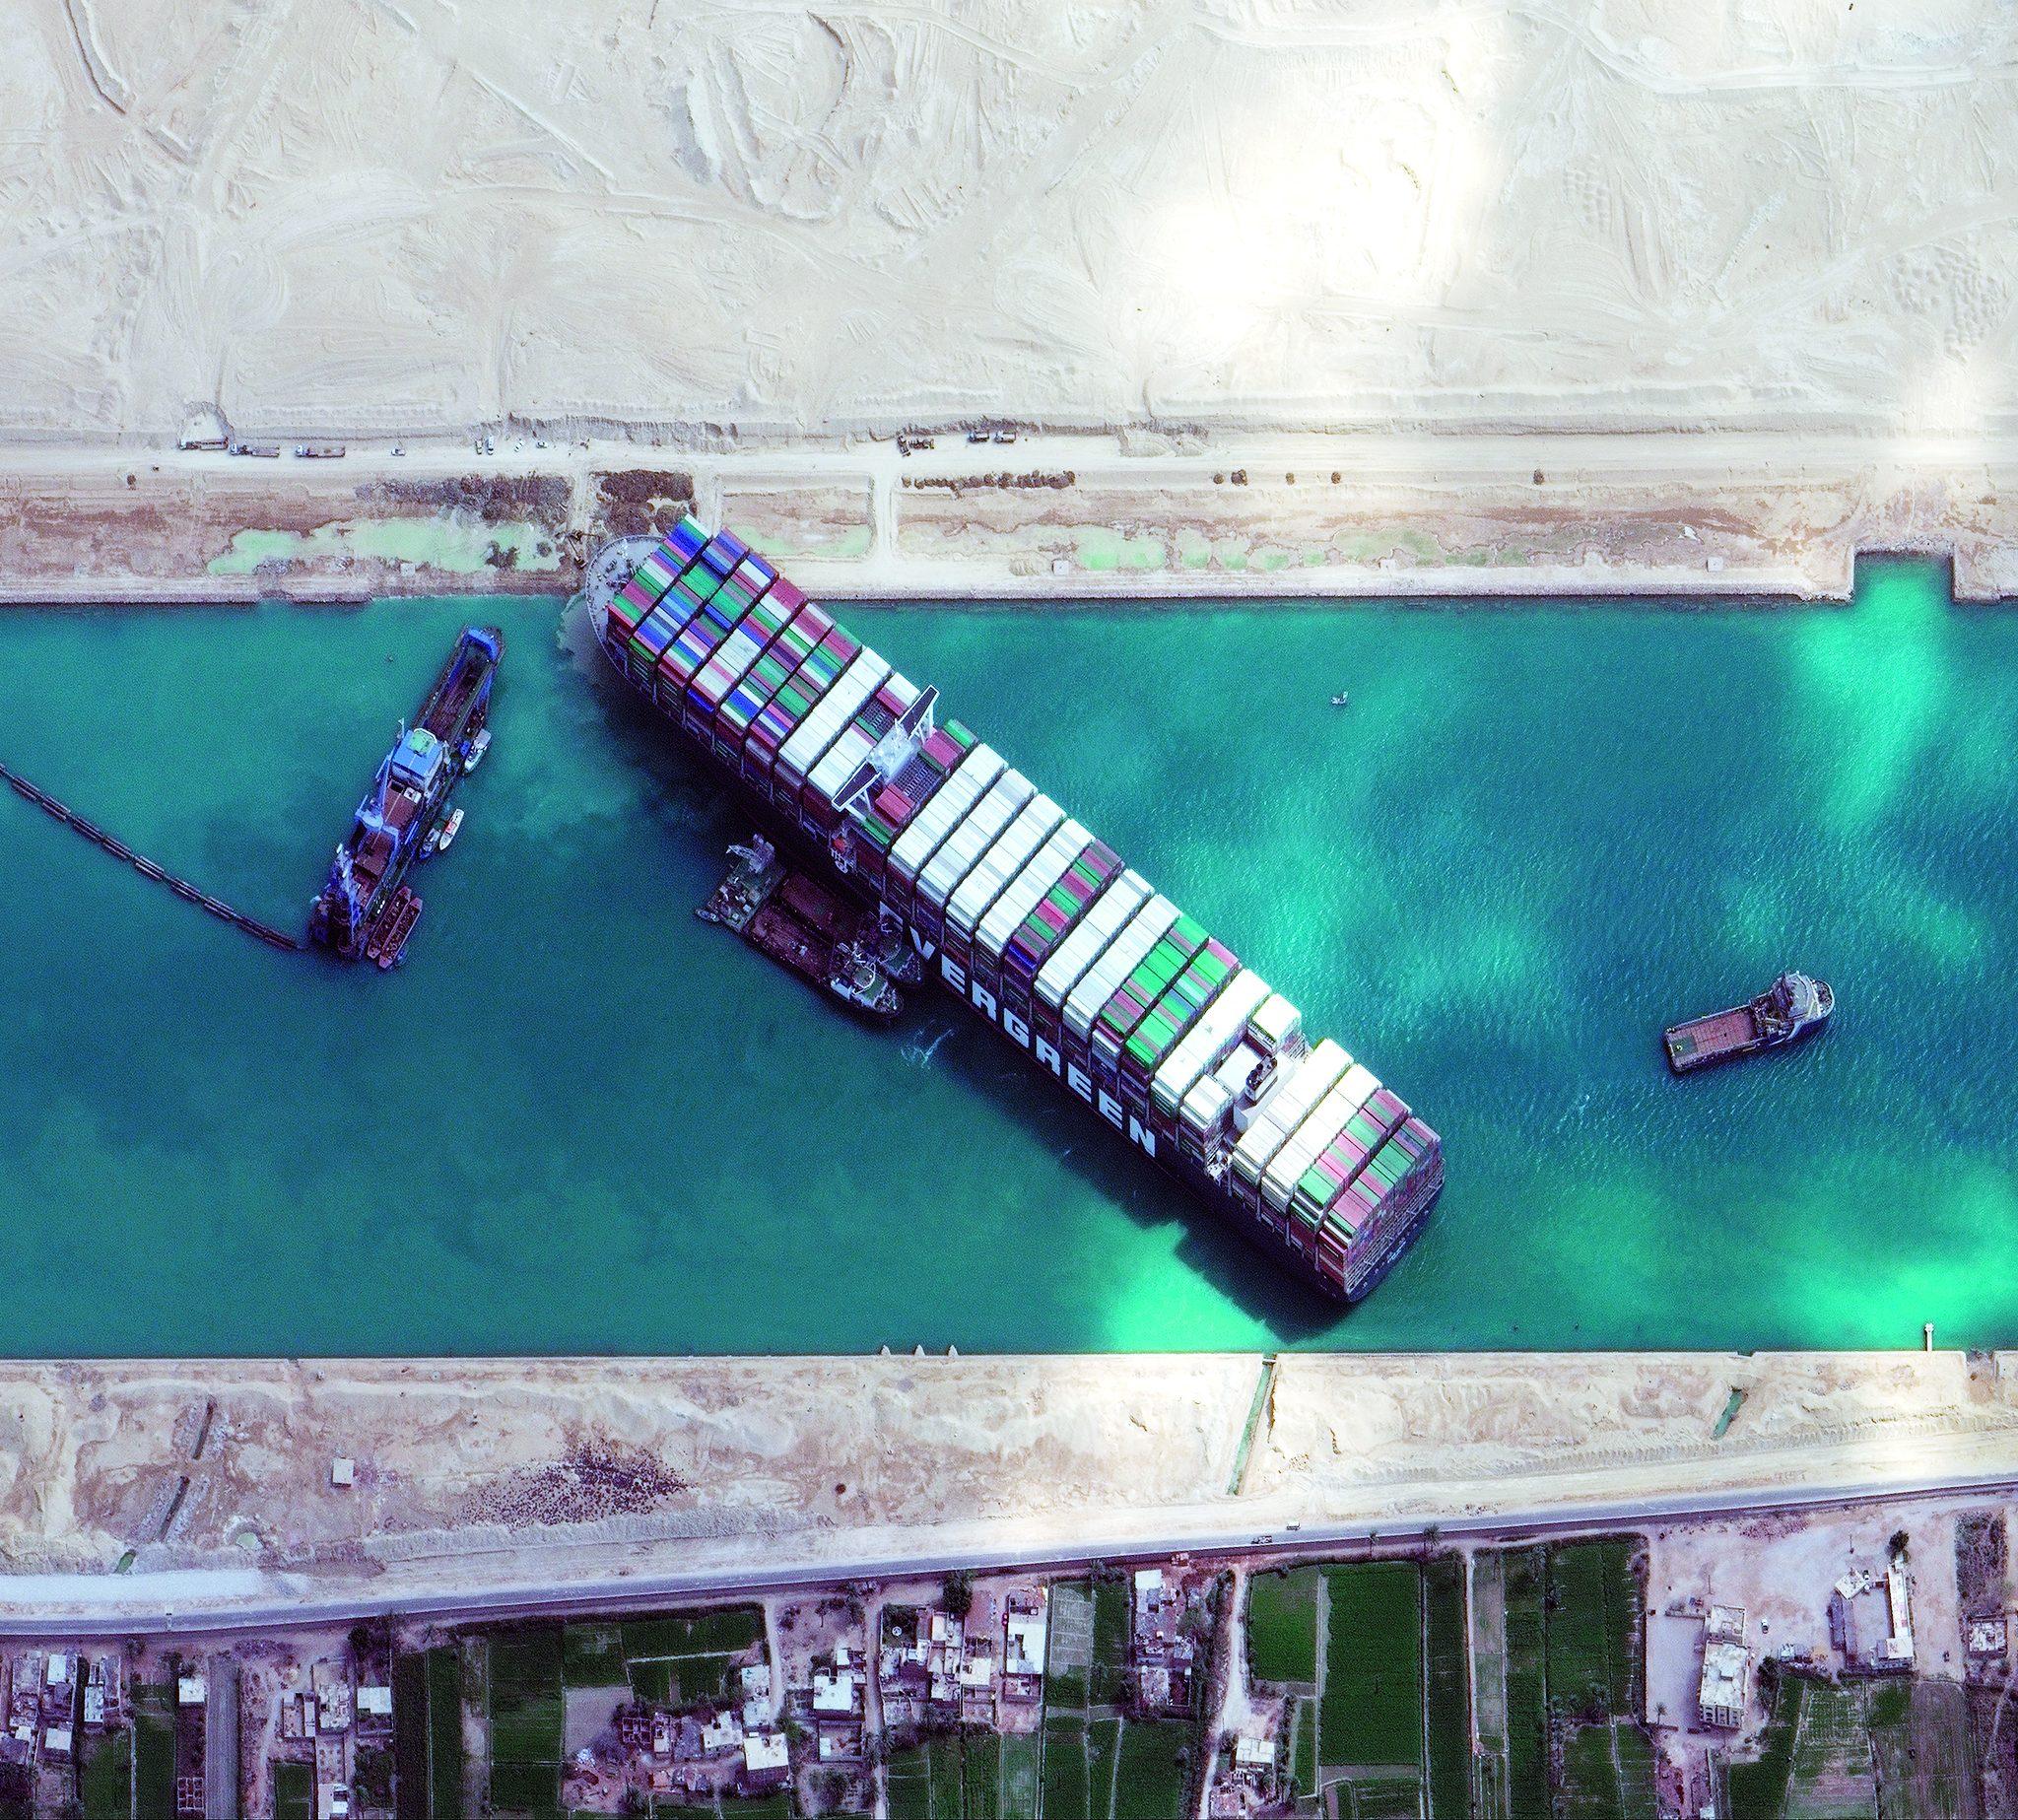 Vanuit de lucht is goed te zien hoe de Ever Given zich volledig heeft vastgeboord in de oever van het Suezkanaal. Foto Maxar